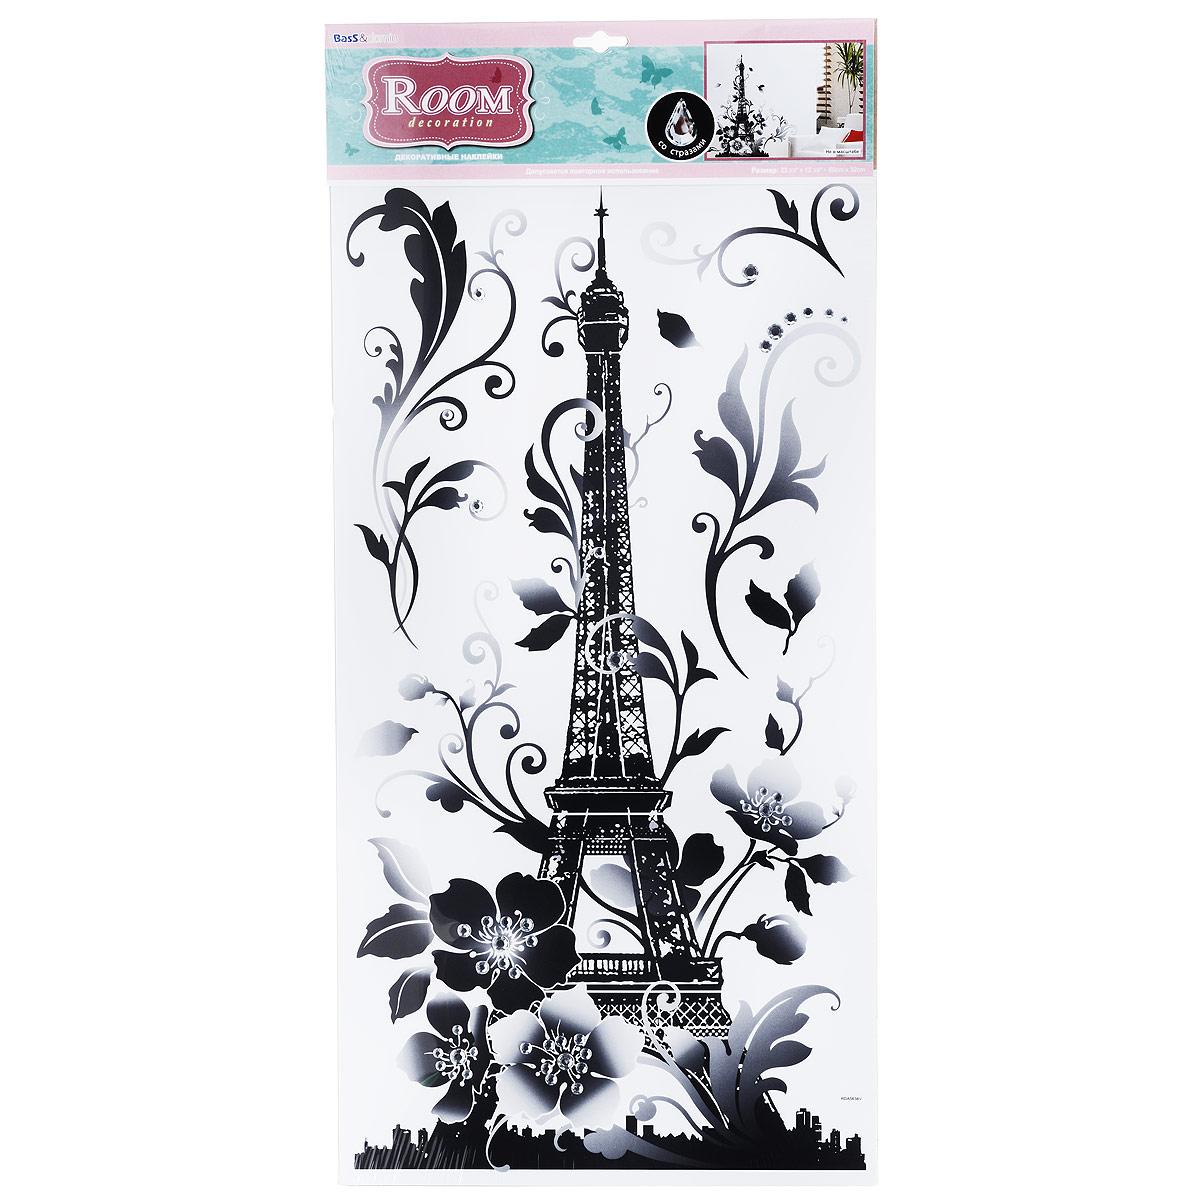 Наклейки для интерьера Room Decoration Эйфелева башня, 60 х 32 см наклейки для интерьера room decoration кокетка со стразами 50 х 32 см